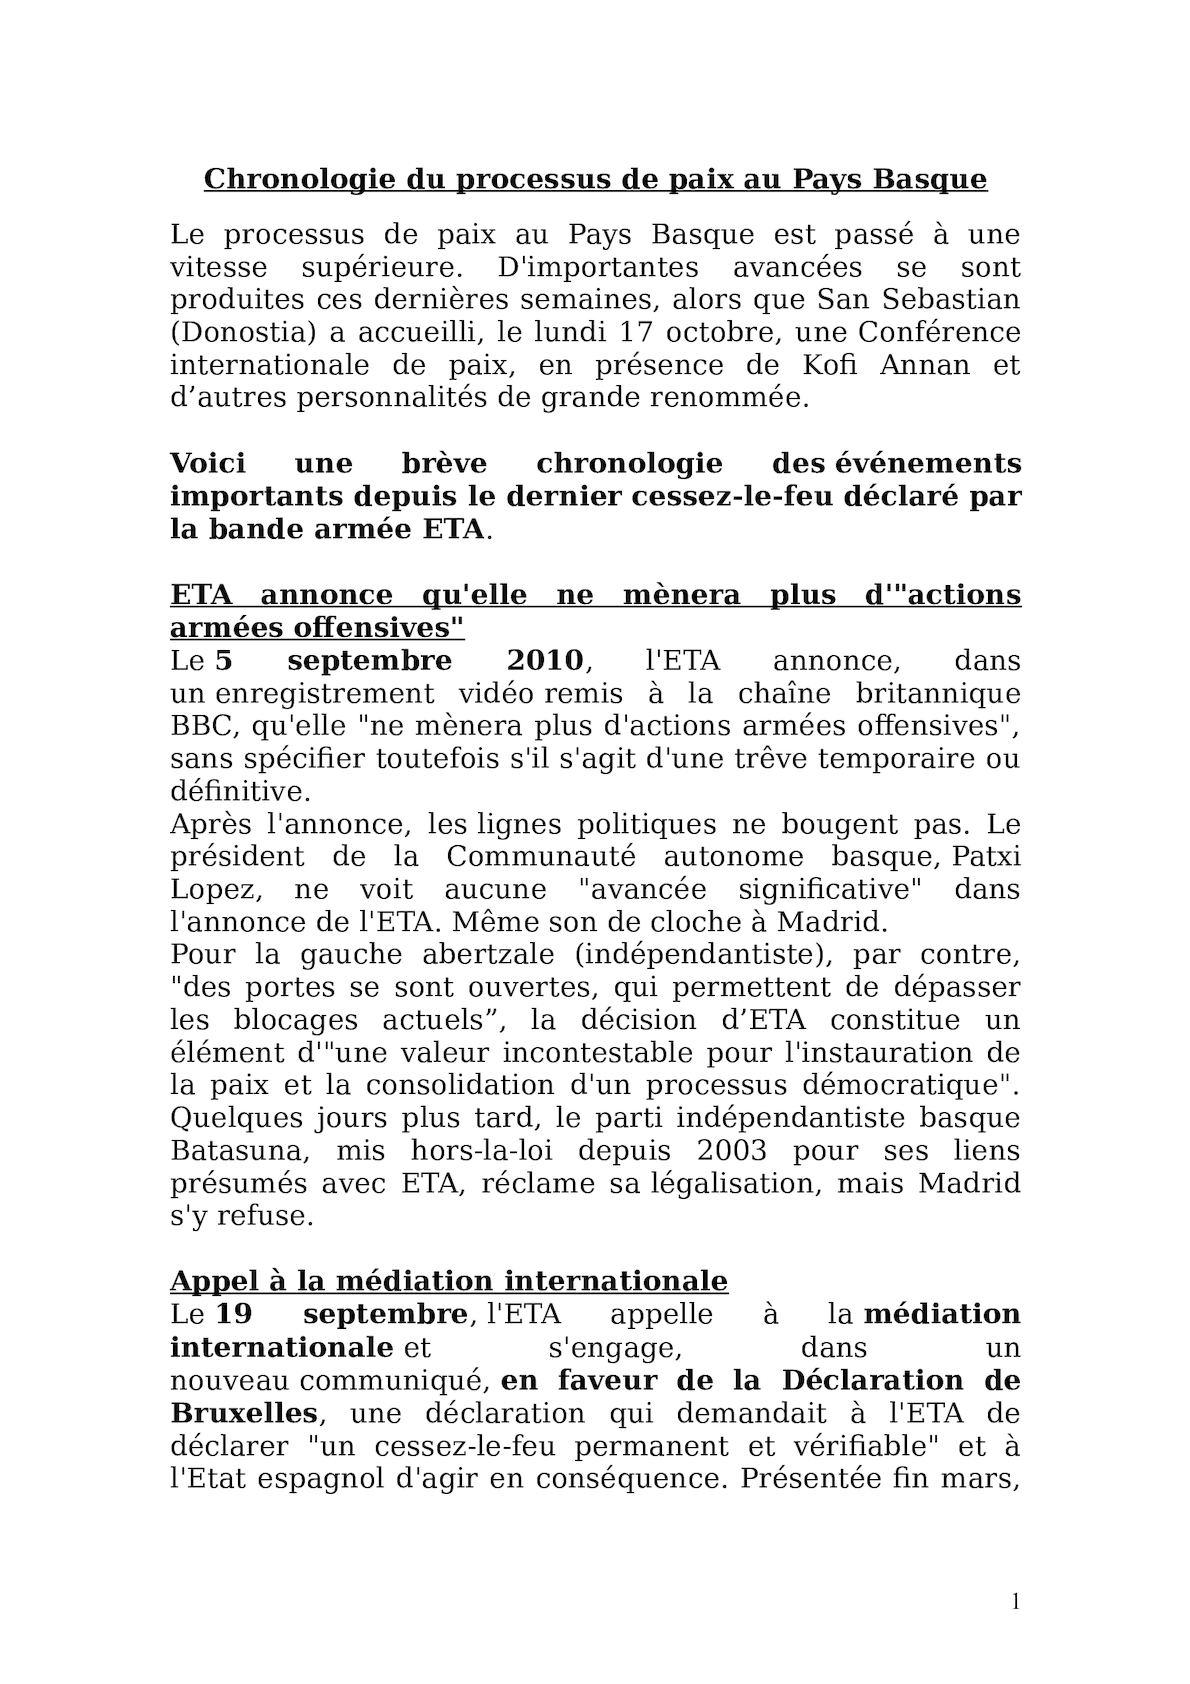 Chronologie Du Processus De Paix Au Pays Basque